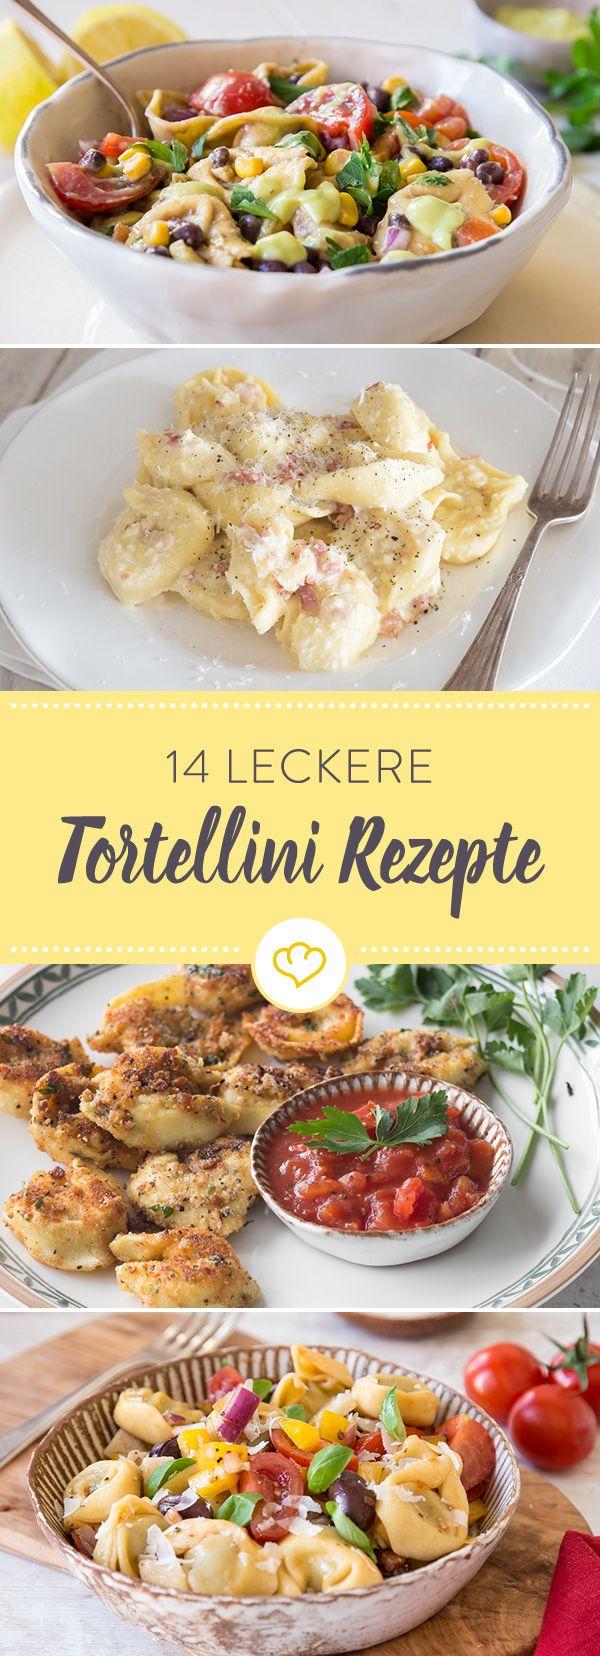 Tortellini sind überall bekannt und beliebt denn man kann sie in den verschiedensten Arten zubereiten. So wie in diesen 14 leckeren Rezepten!